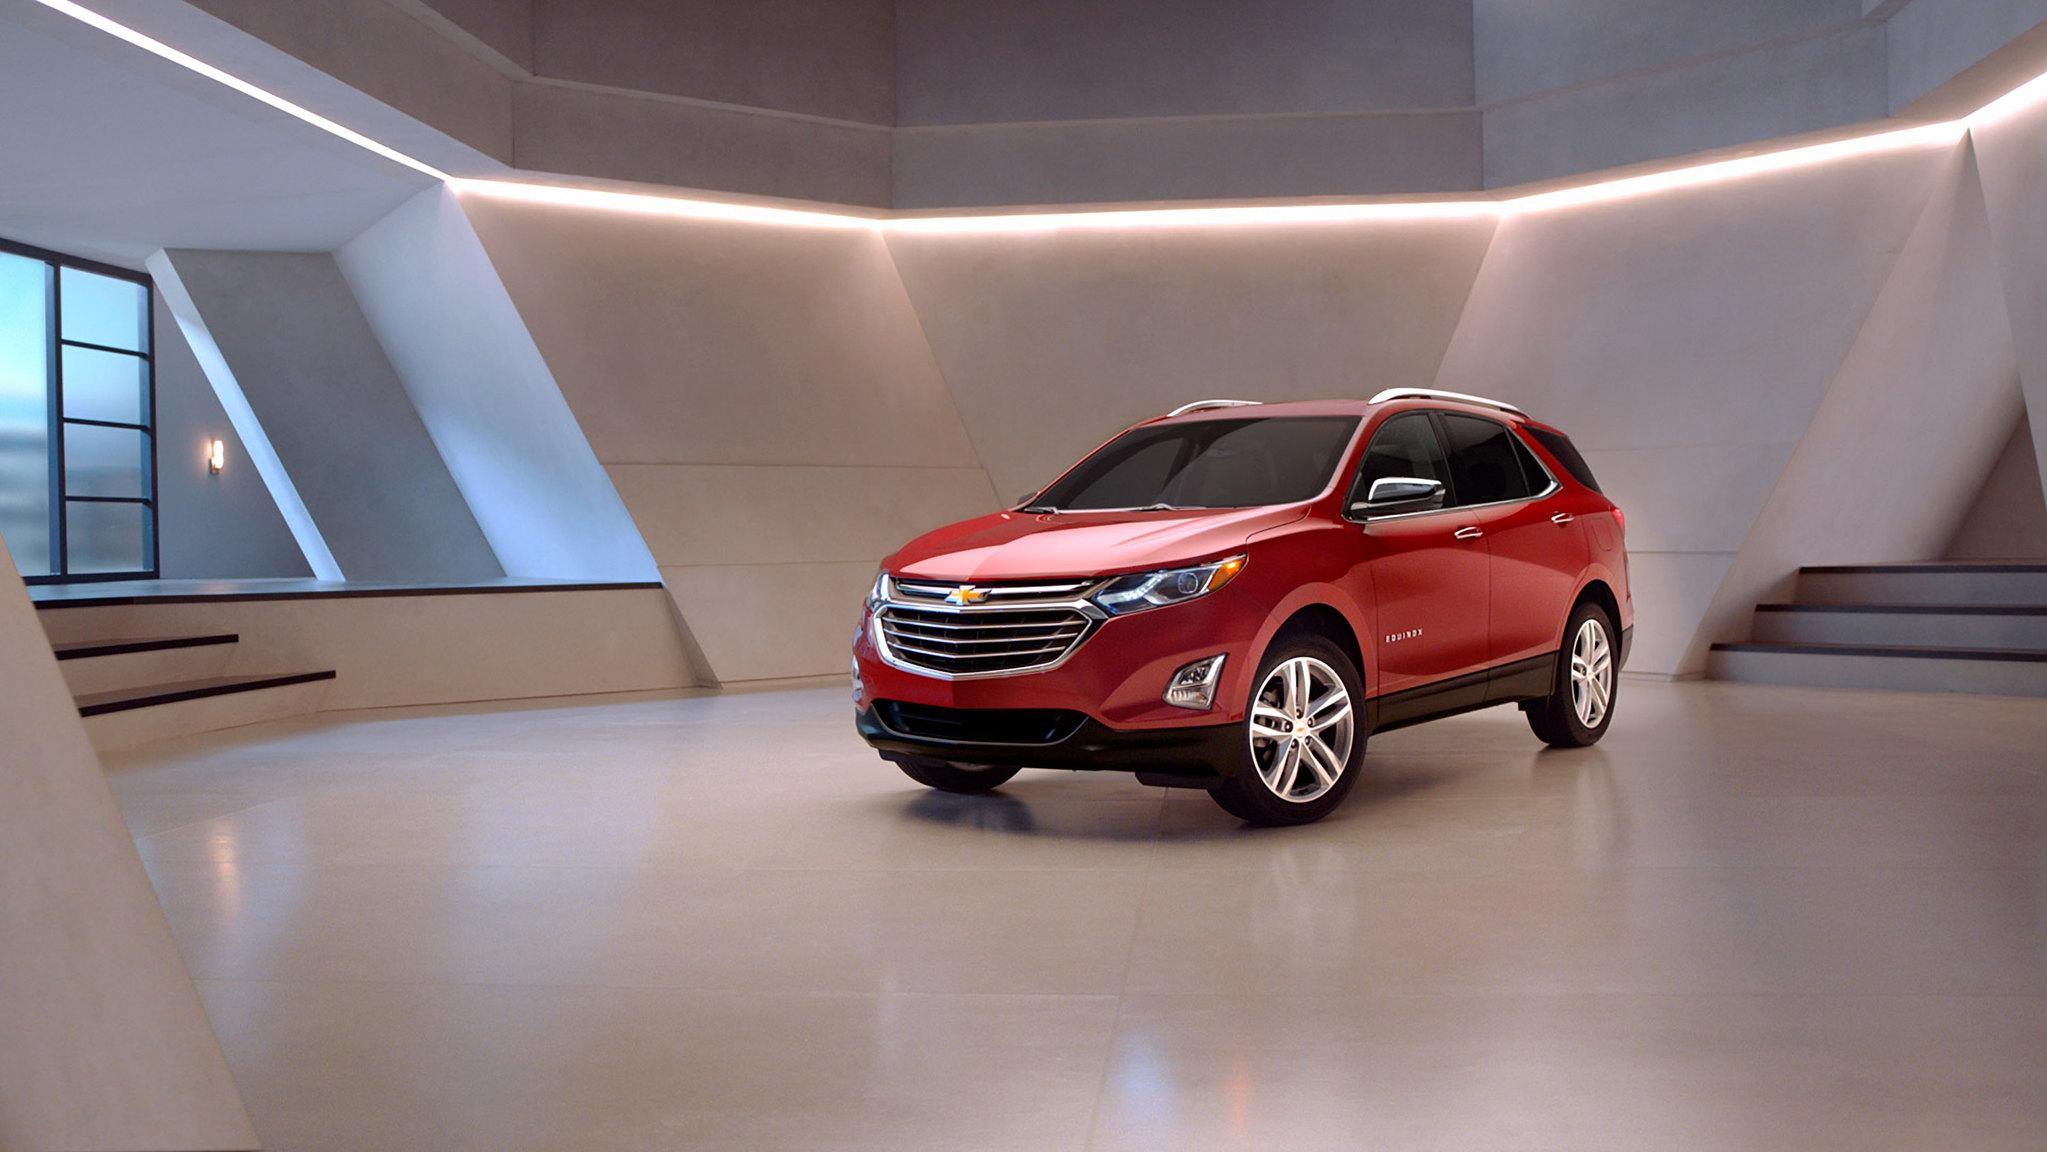 2019 Chevy Equinox Family Features | Heidebreicht Chevrolet | Washington, MI